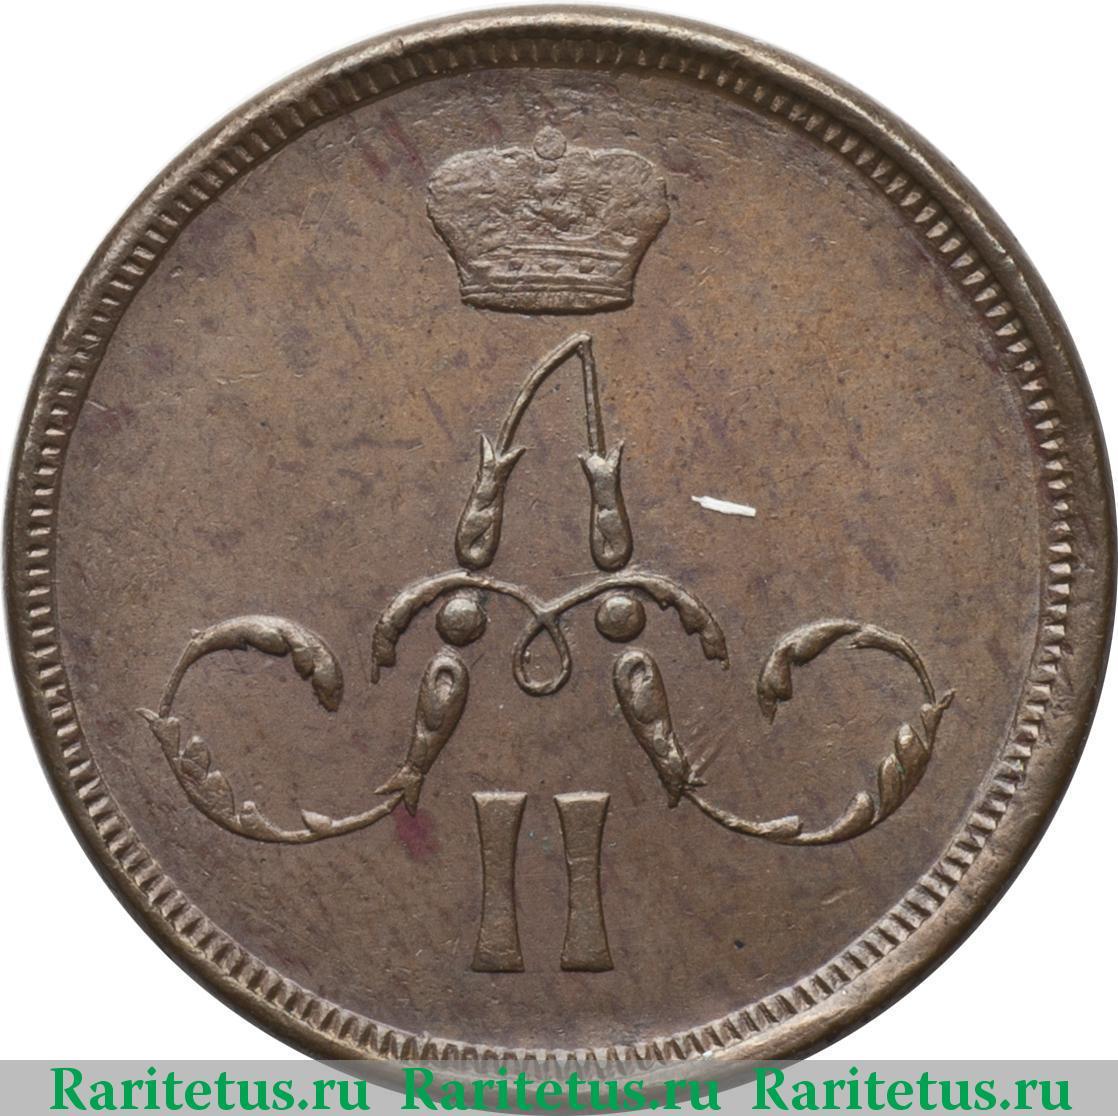 Аверс монеты 1 копейка 1862 года ЕМ